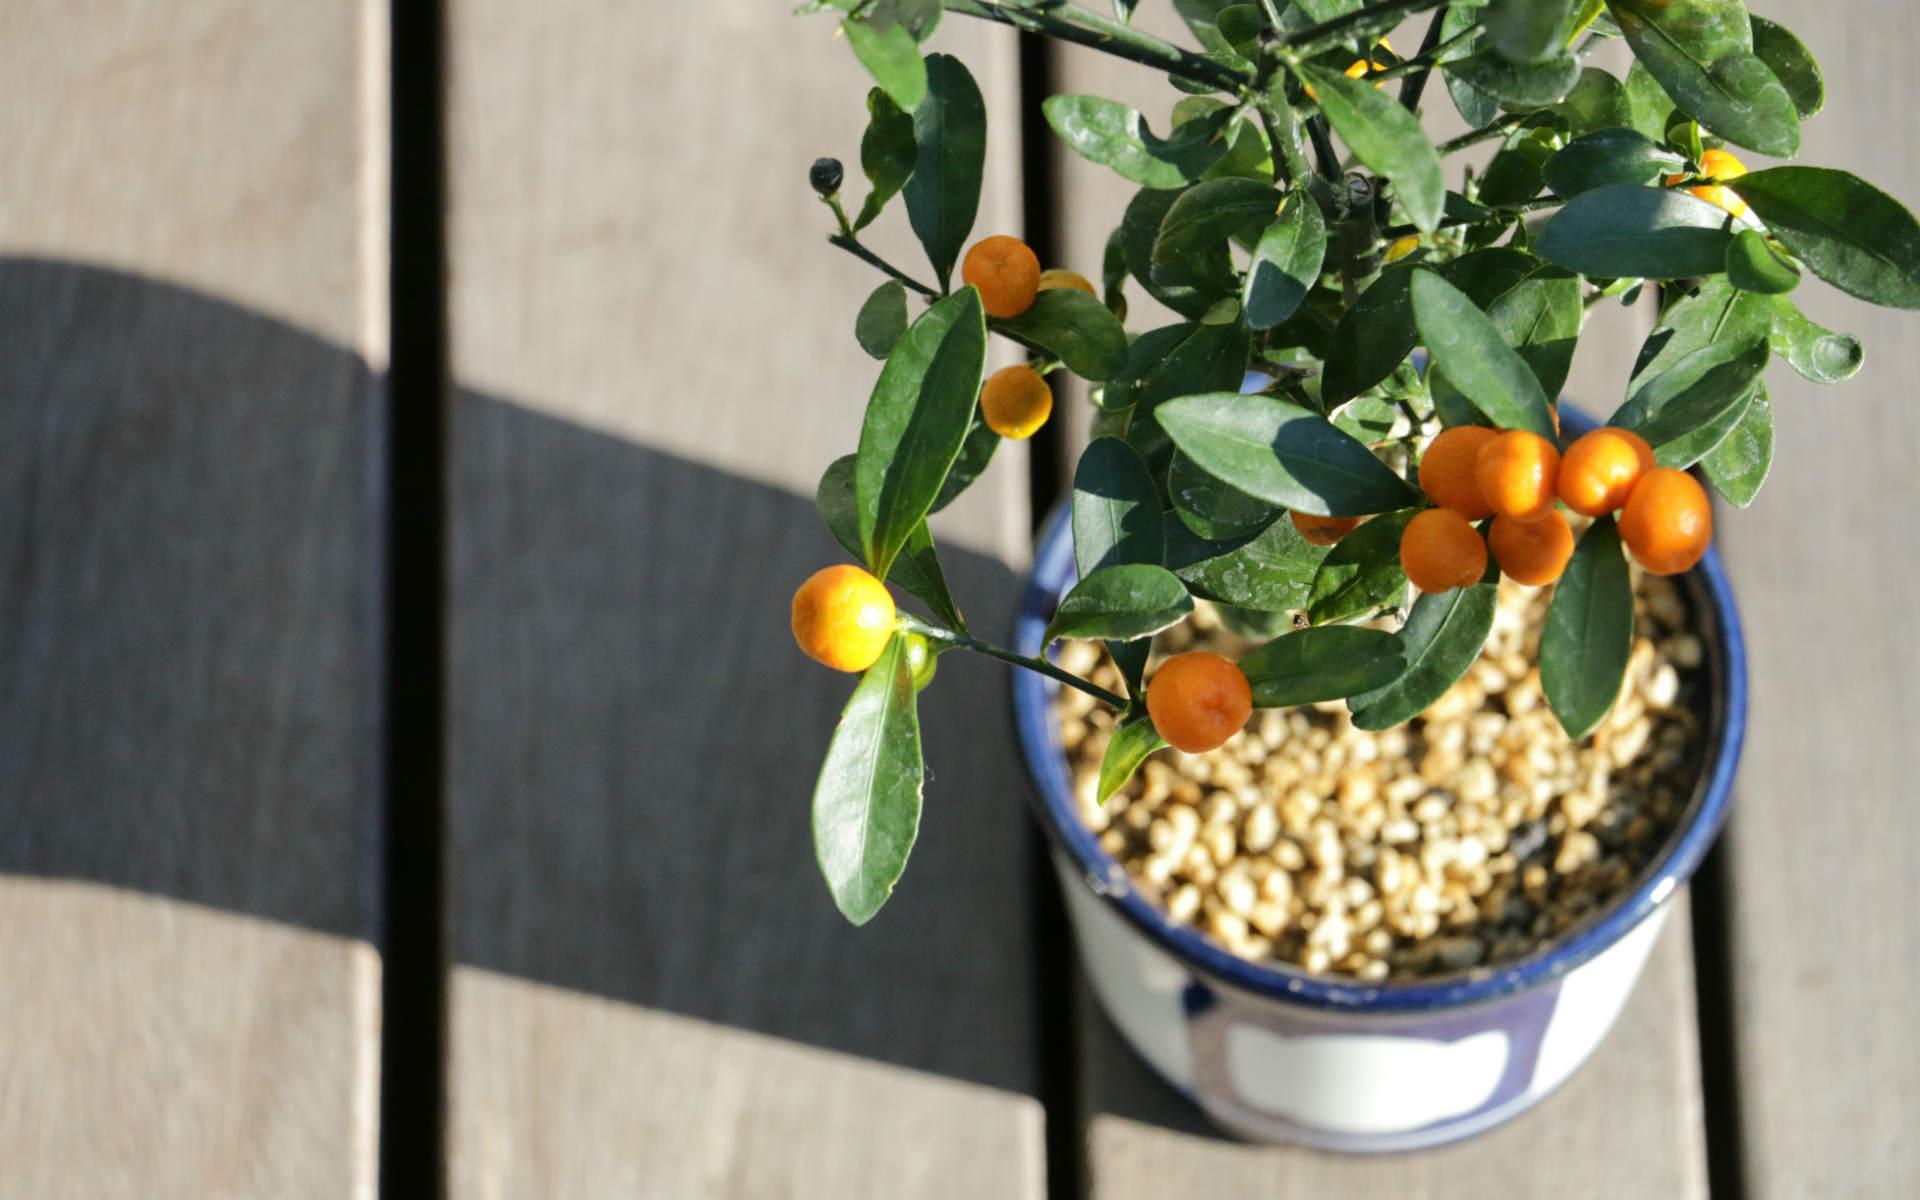 黄金色に輝いて見える?金豆の実。ちなみに食べられません